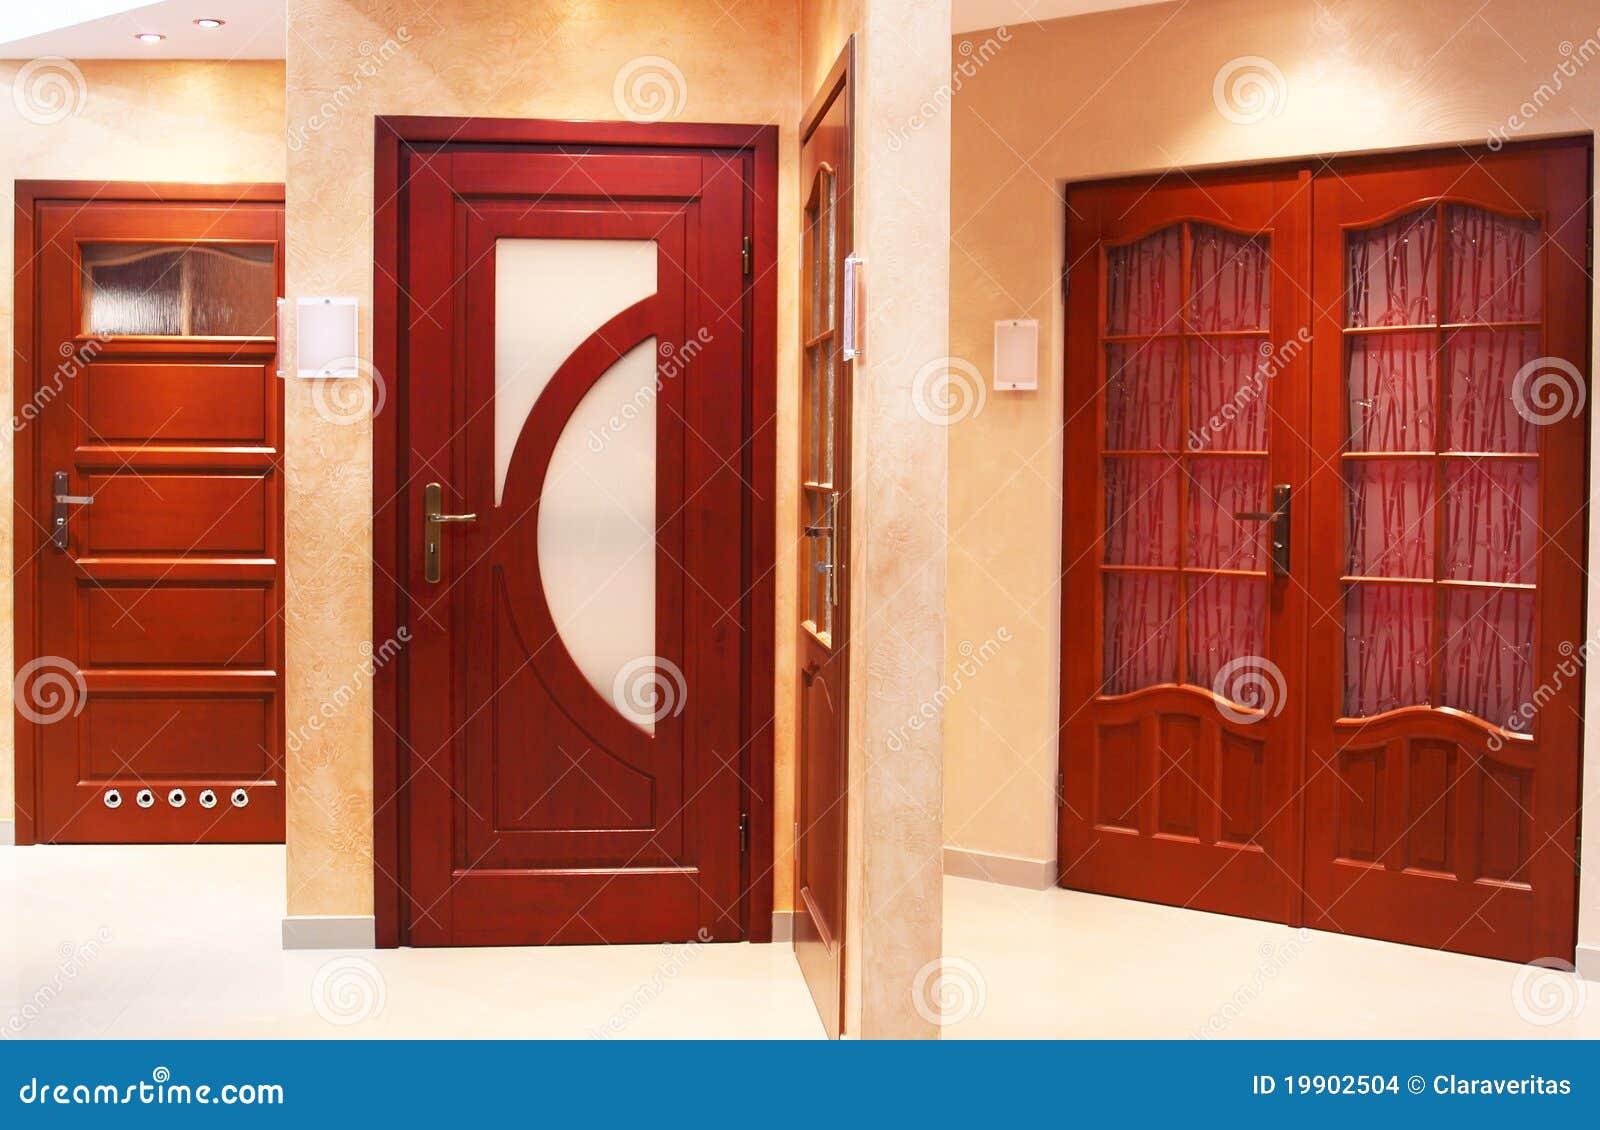 Puertas modernas imagenes de archivo imagen 19902504 for Imagenes de puertas de madera modernas